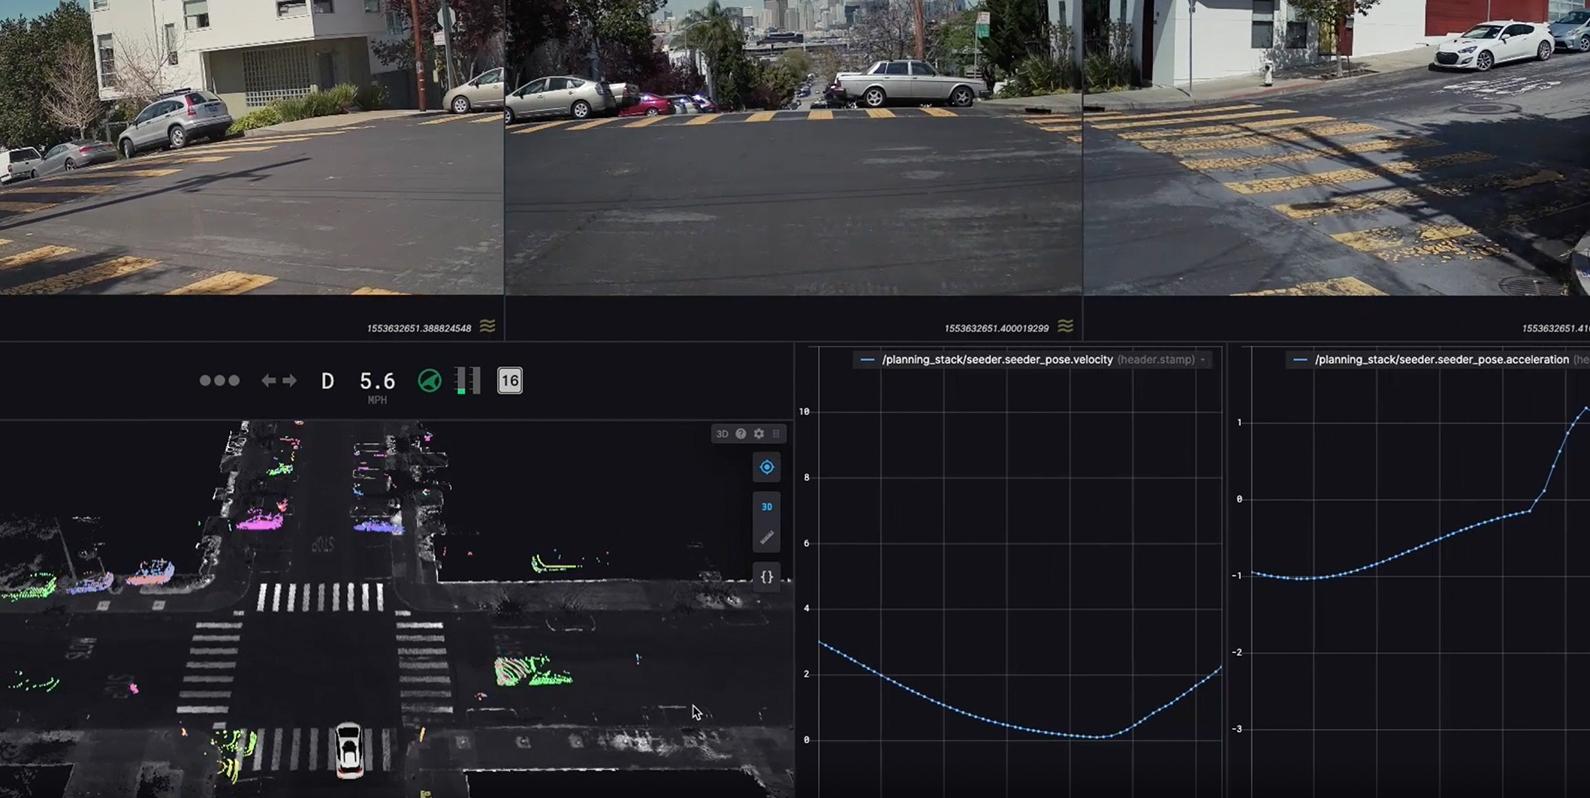 Carros autônomos estão sendo treinados em mundos virtuais enquanto o real está em caos